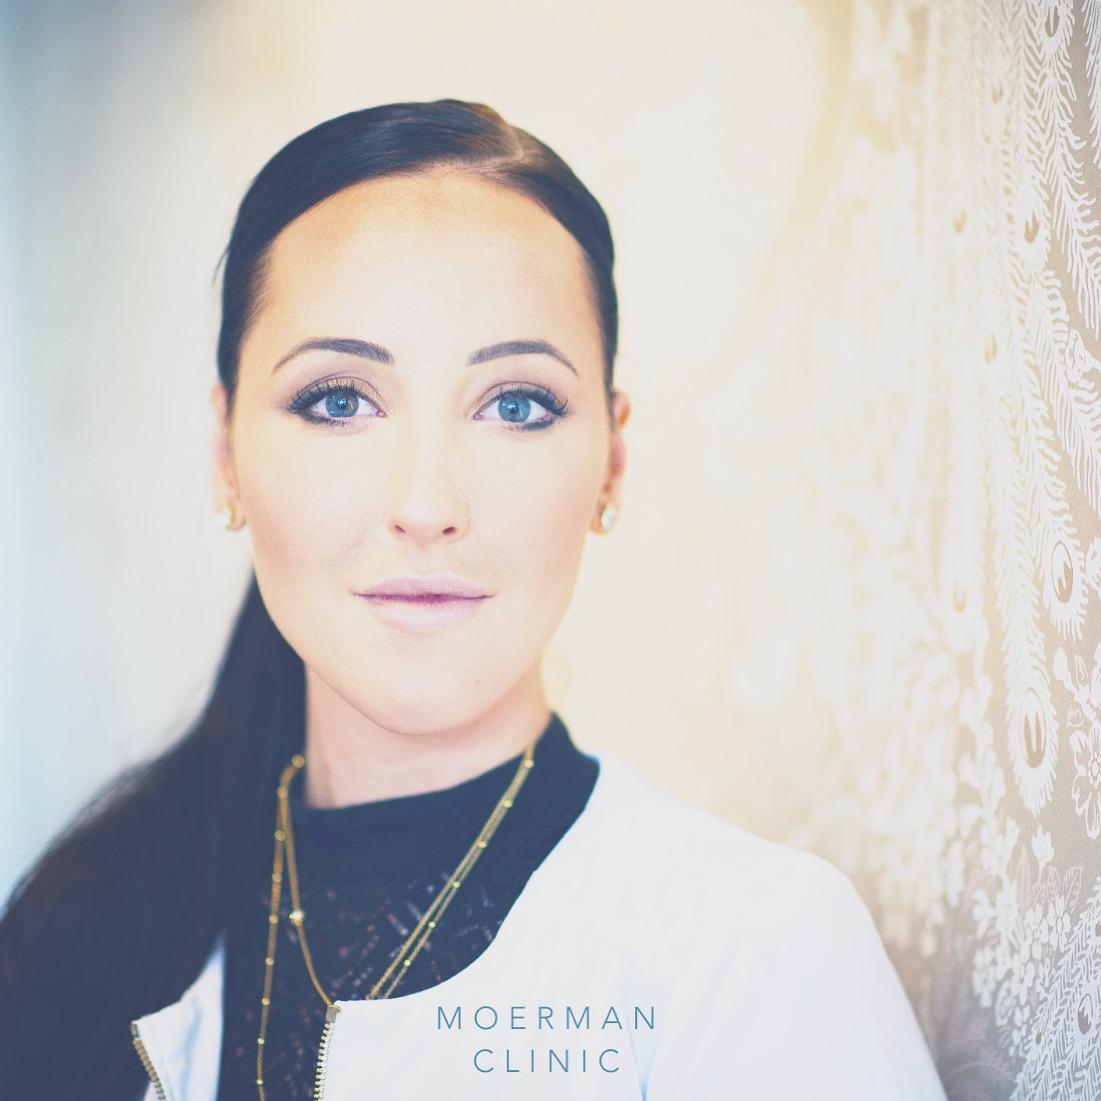 Kimberly Moerman